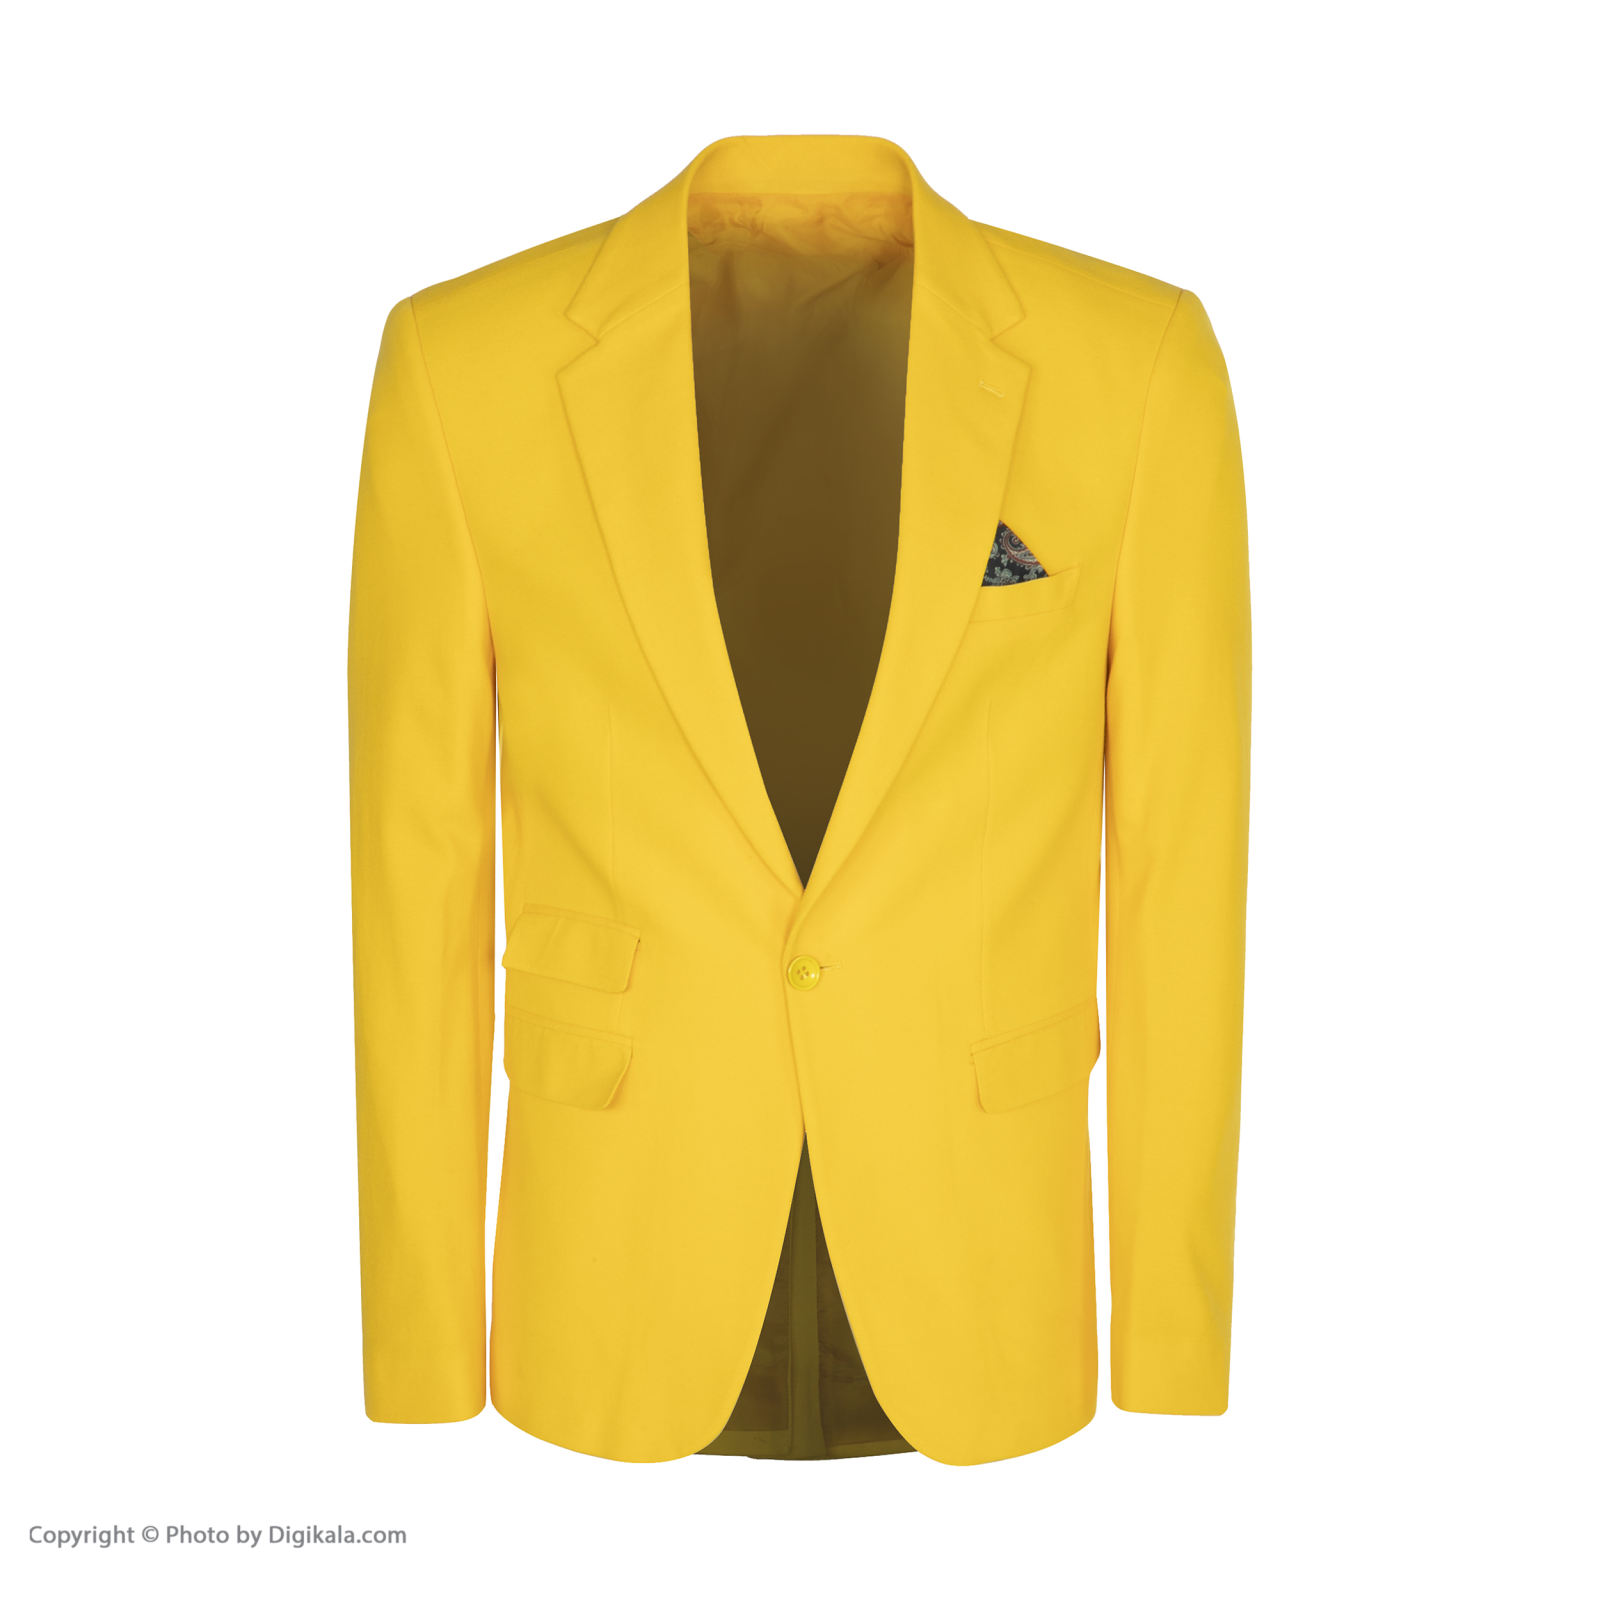 کت تک مردانه ان سی نو مدل جانسو رنگ زرد -  - 3